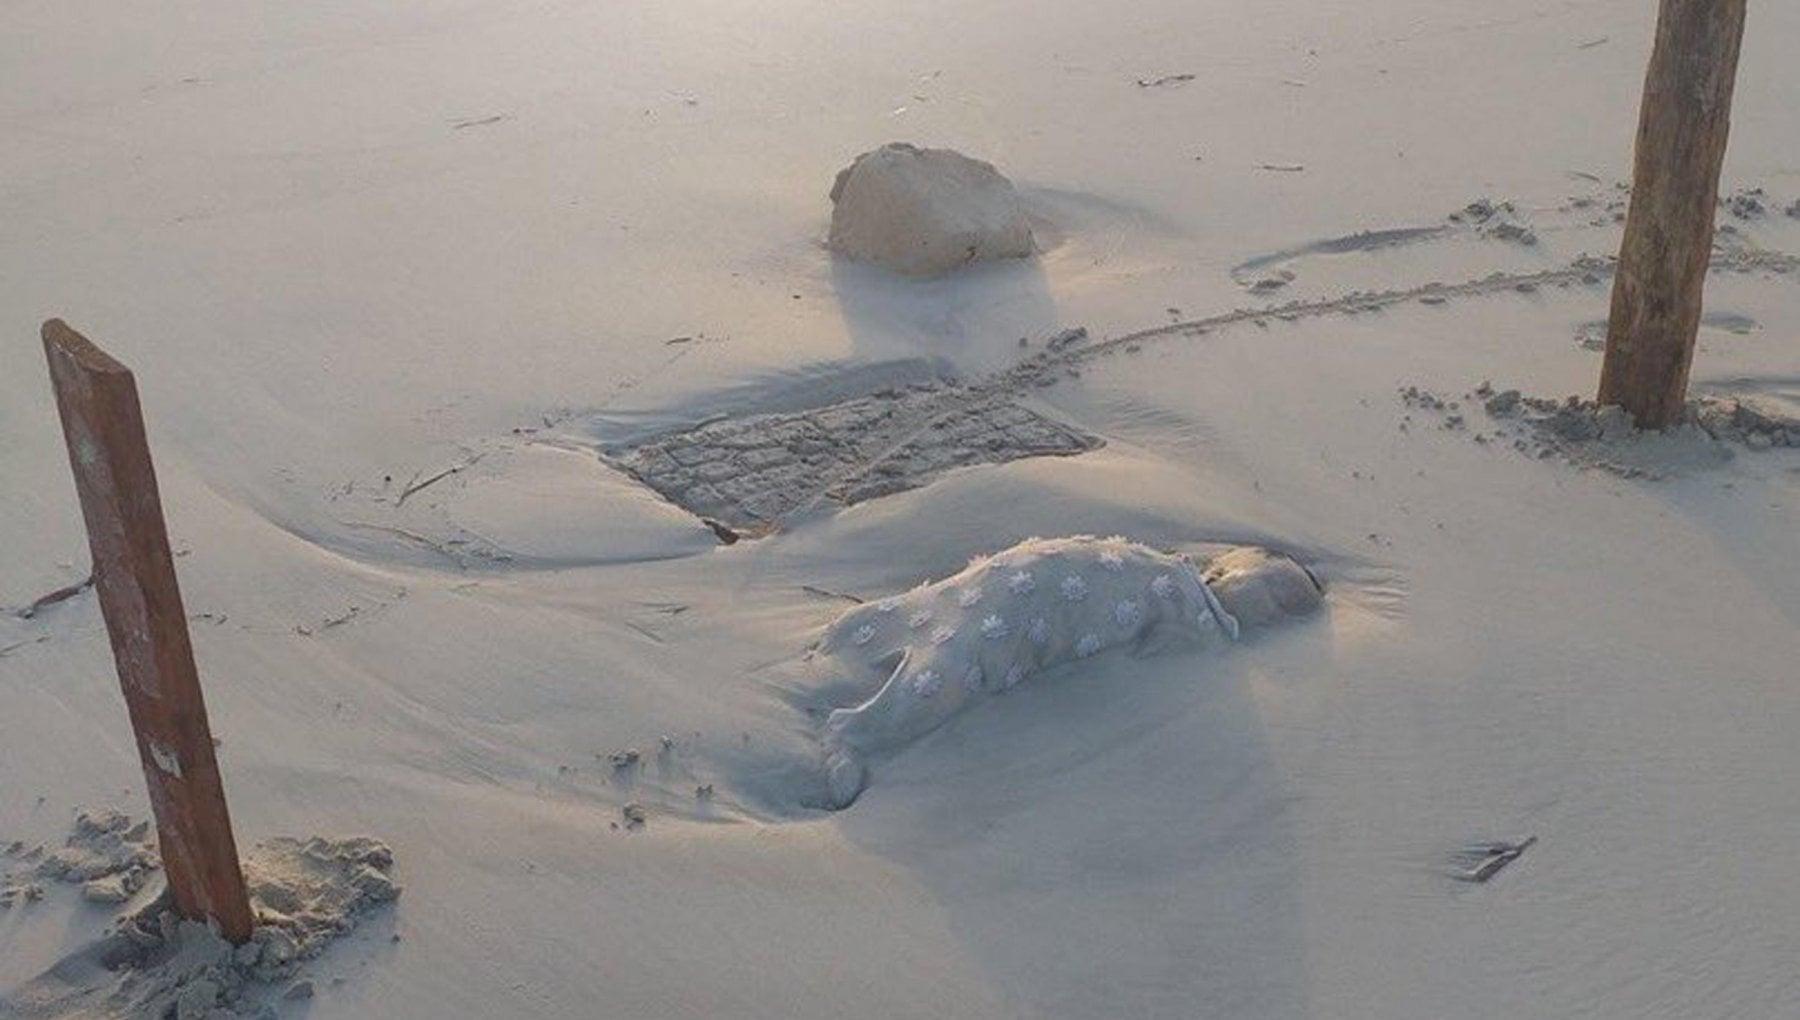 """161211921 02b41772 0643 4580 a10e 66f4c5442602 - Migranti, senza nome i bimbi trovati morti sulla spiaggia di Zuwara. L'Oim: """"Temiamo un naufragio di cui non siamo a conoscenza"""""""